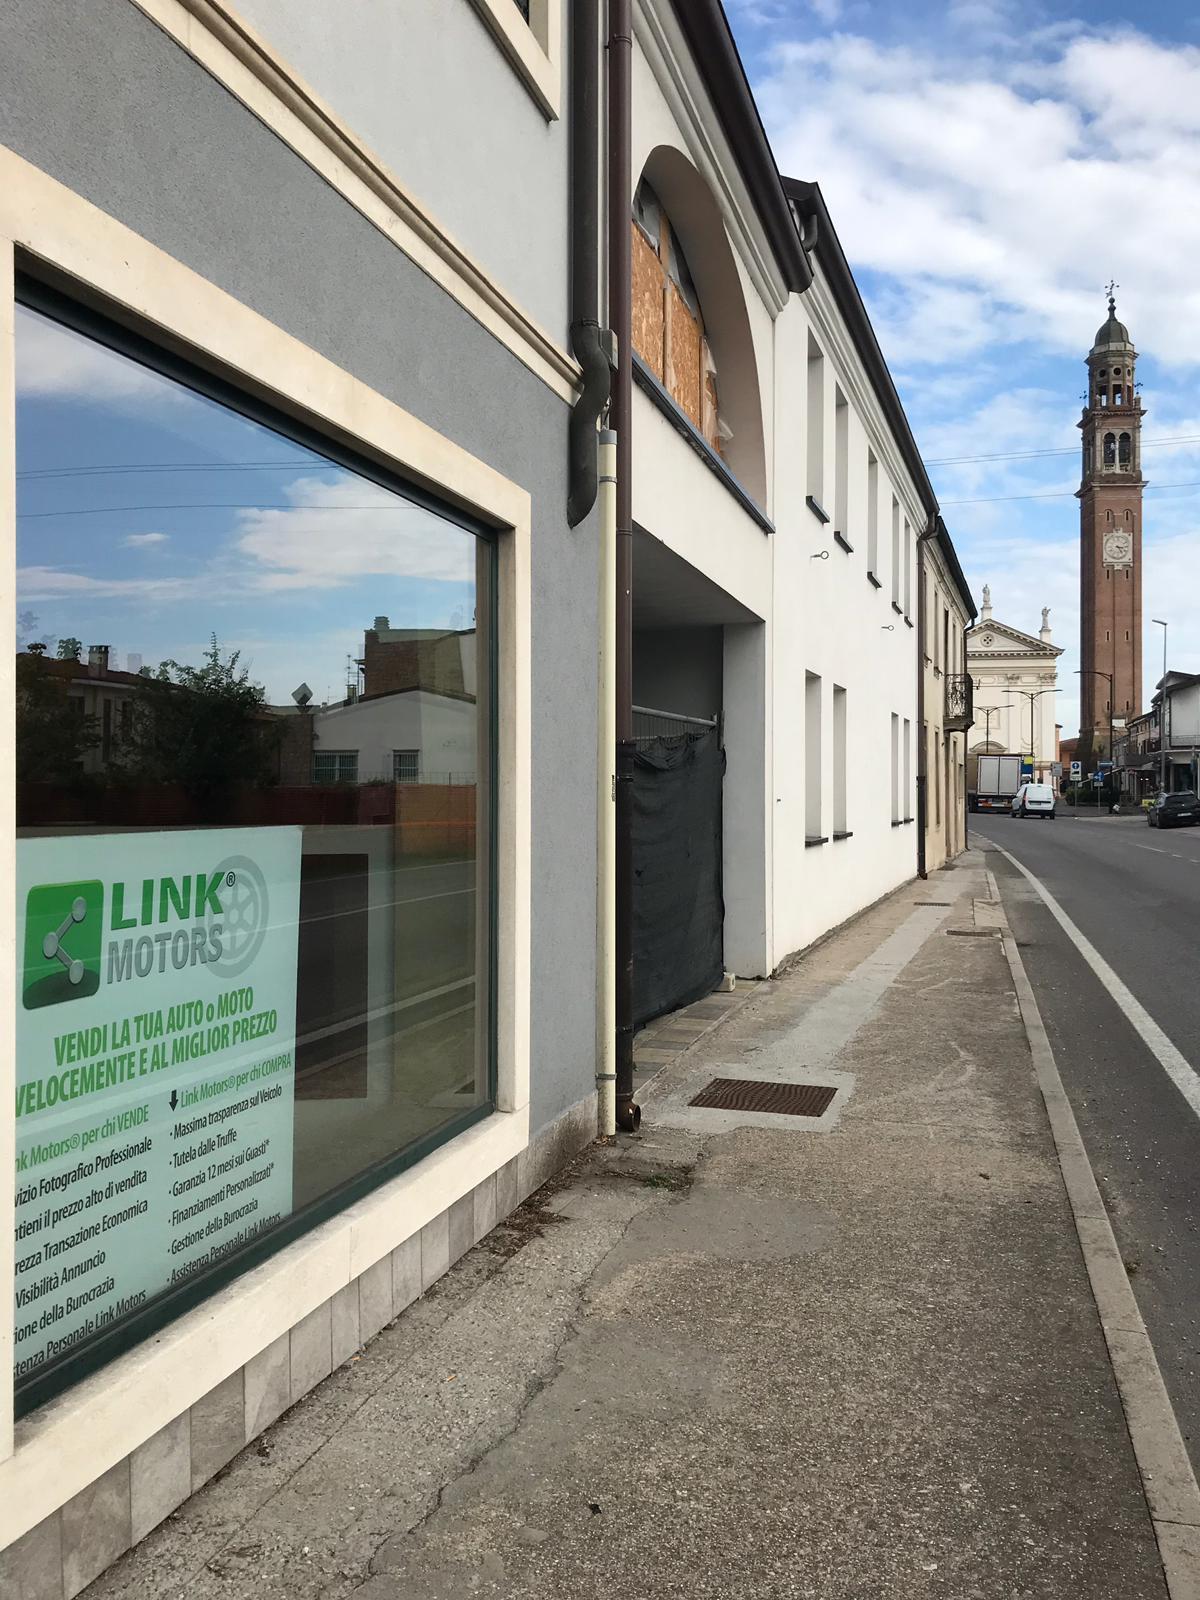 Link Motors - Borgo Veneto